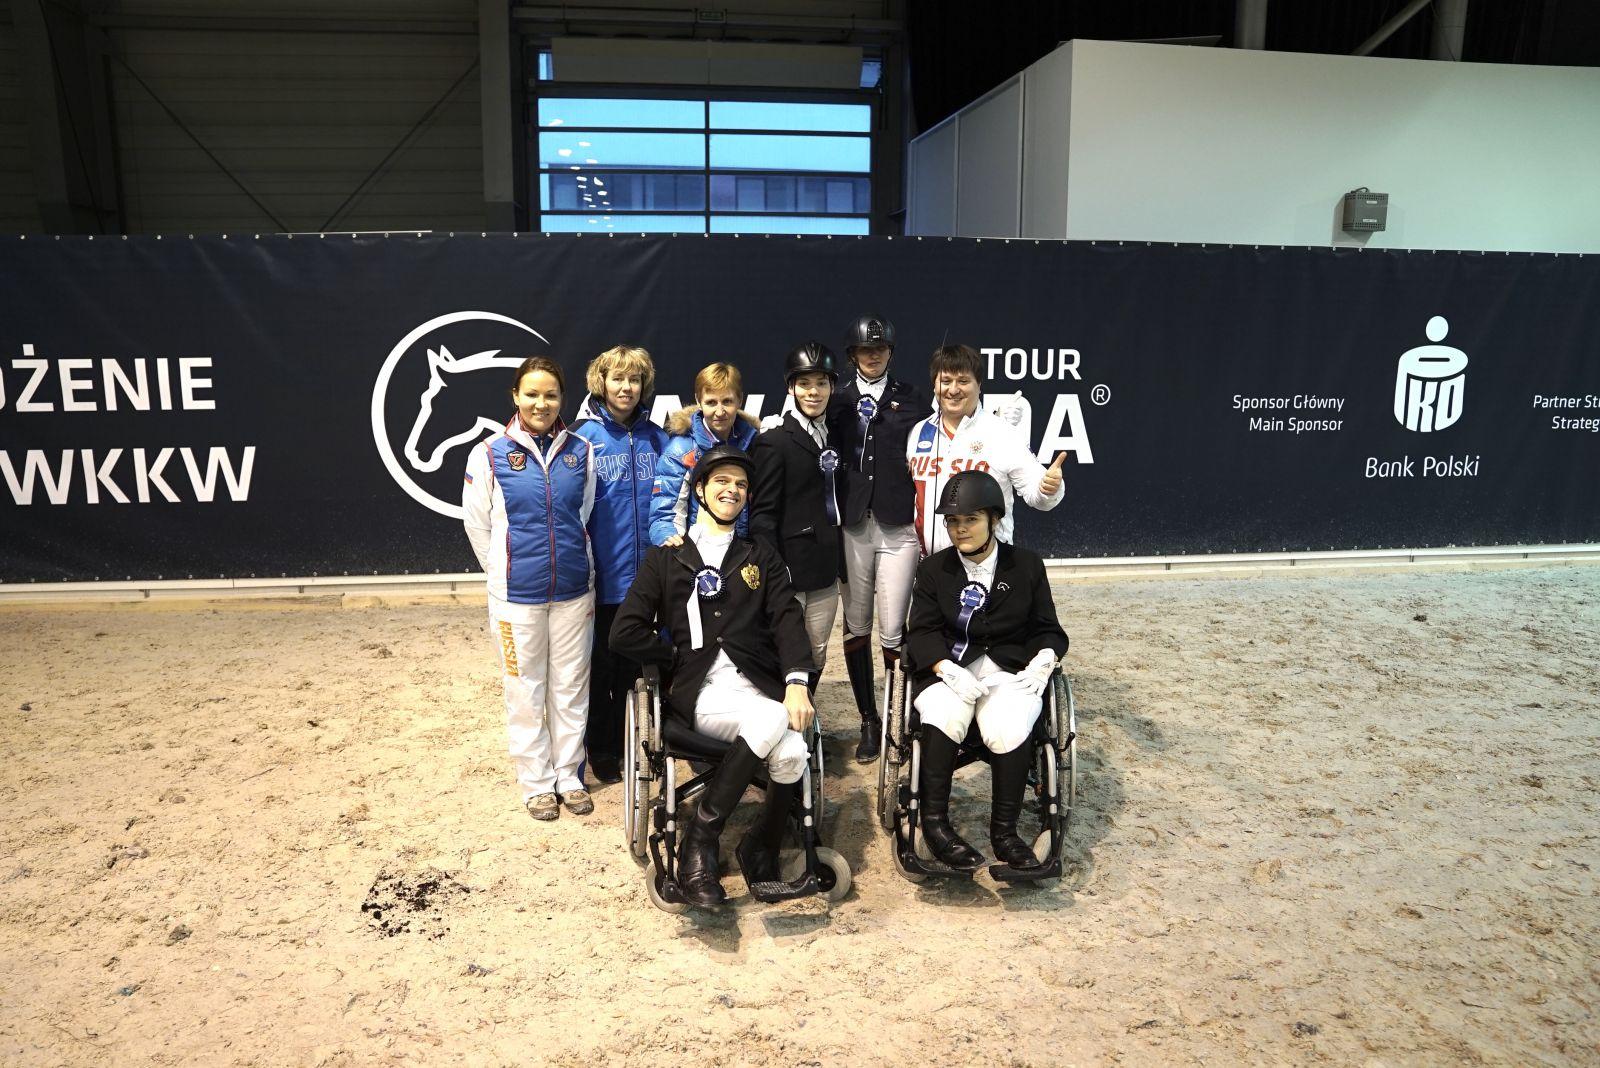 Российские спортсмены завоевали 6 золотых, 5 серебряных и 1 бронзовую медаль на международных соревнованиях по конному спорту среди спортсменов с ПОДА в Польше